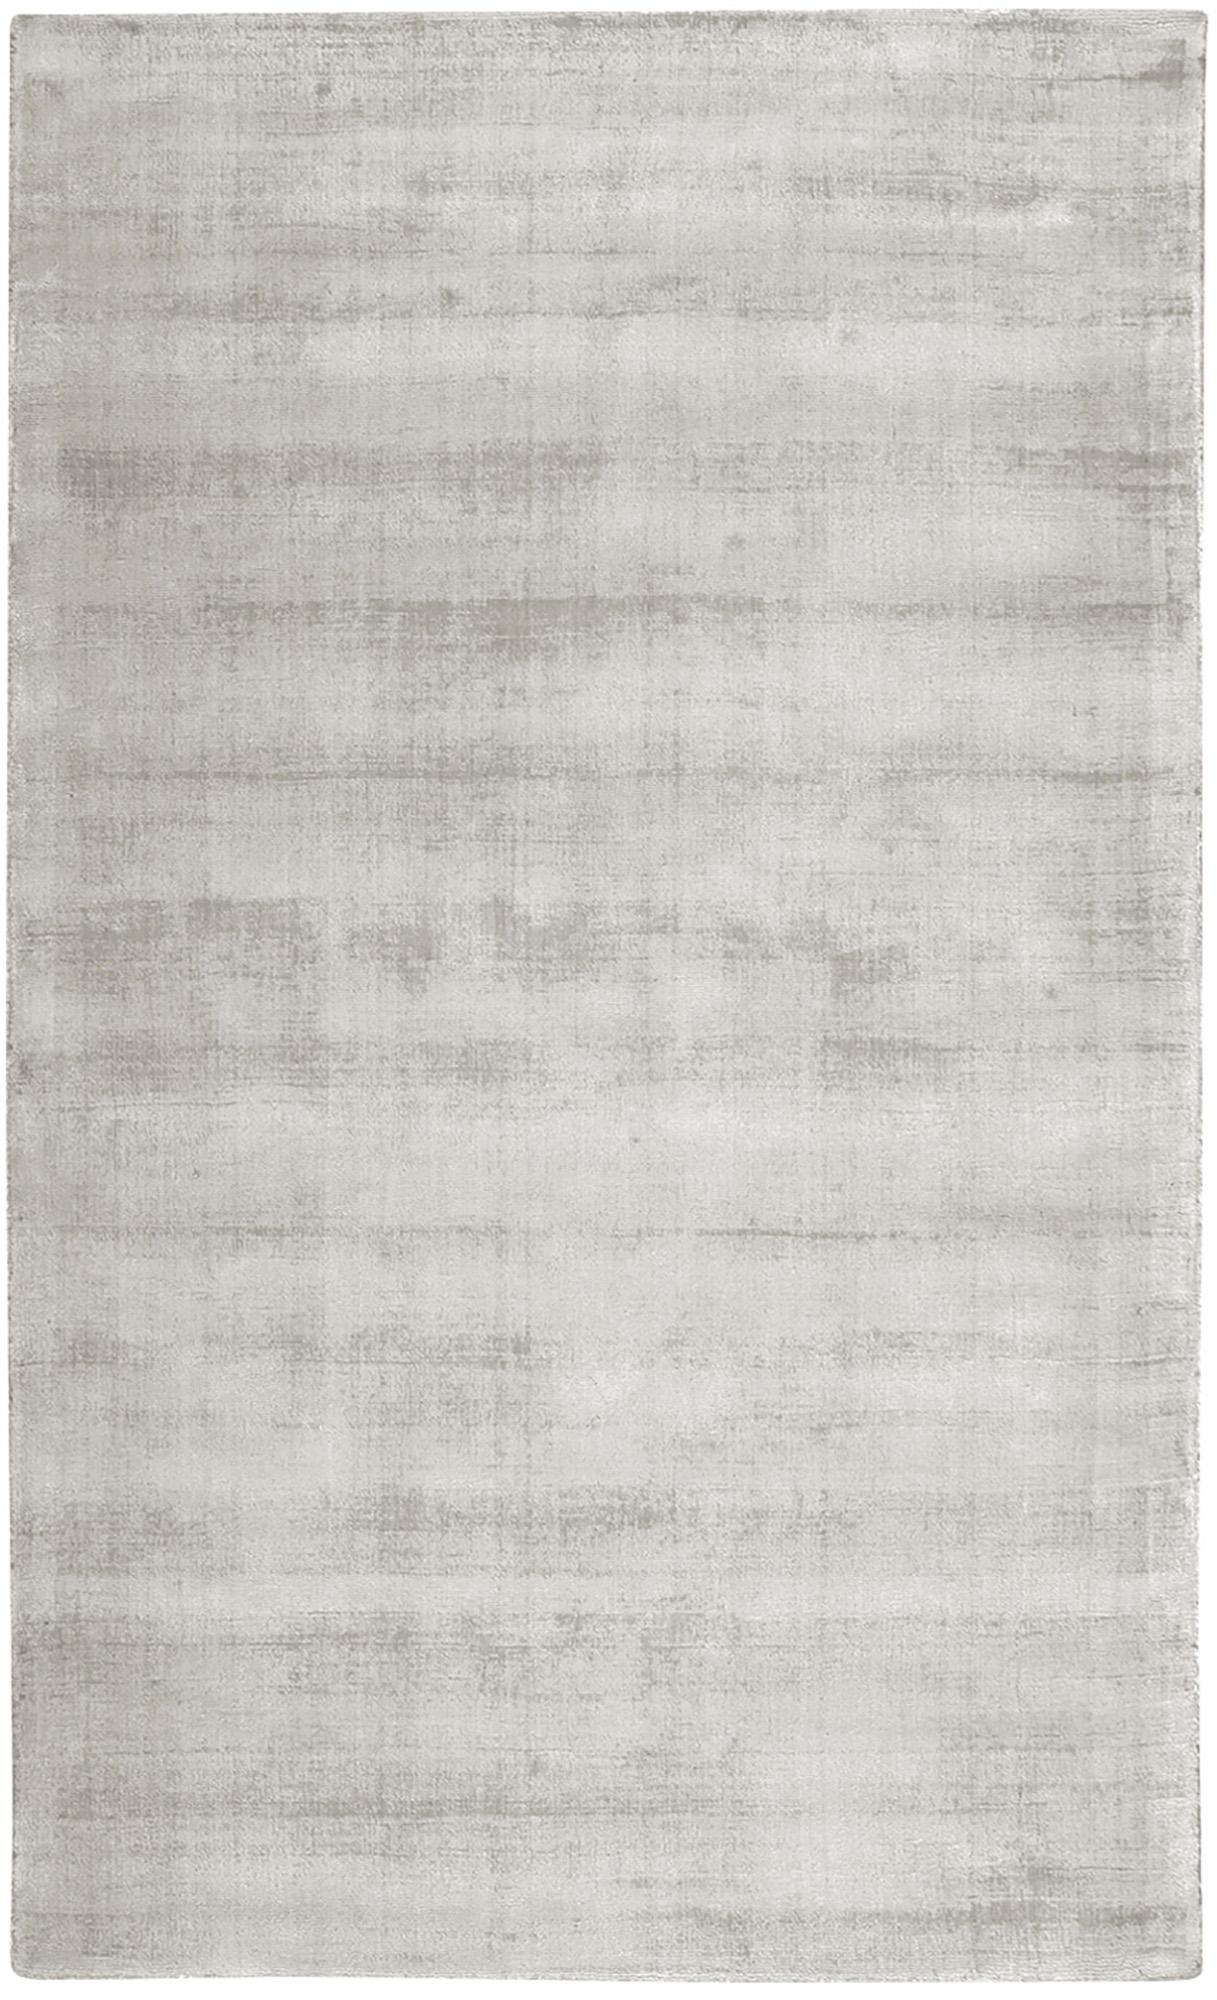 Tappeto in viscosa tessuto a mano Jane, Retro: 100% cotone, Grigio chiaro-beige, Larg. 90 x Lung. 150 cm (taglia XS)